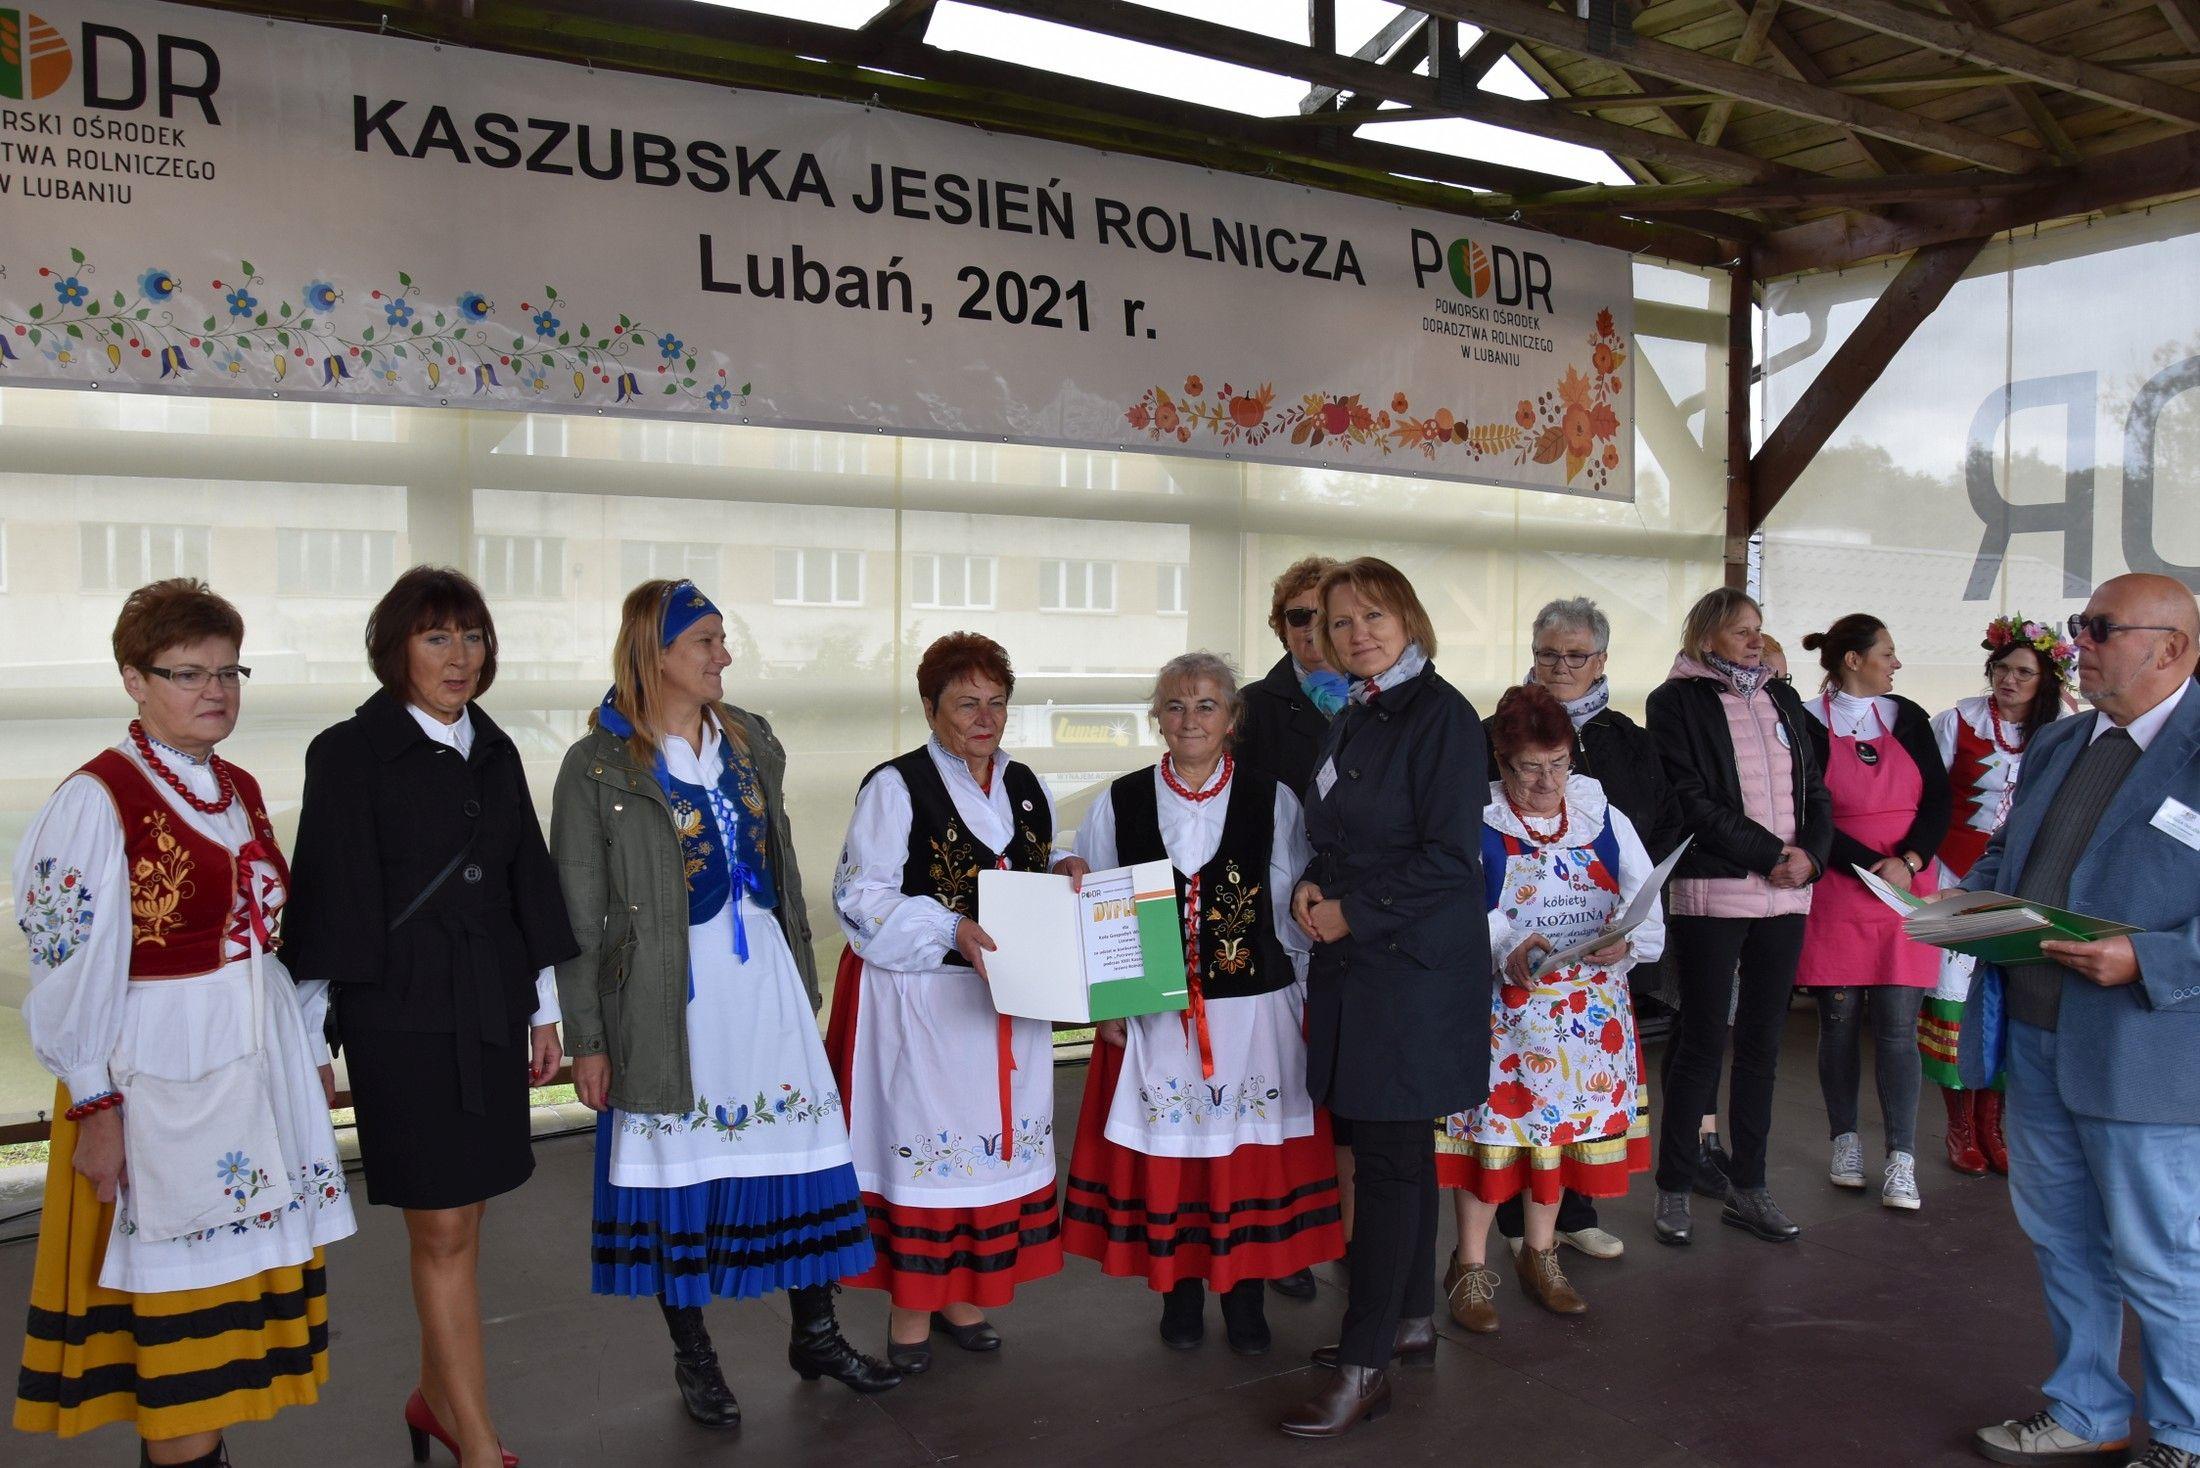 Wręczanie dyplomów uczestnikom konkursu